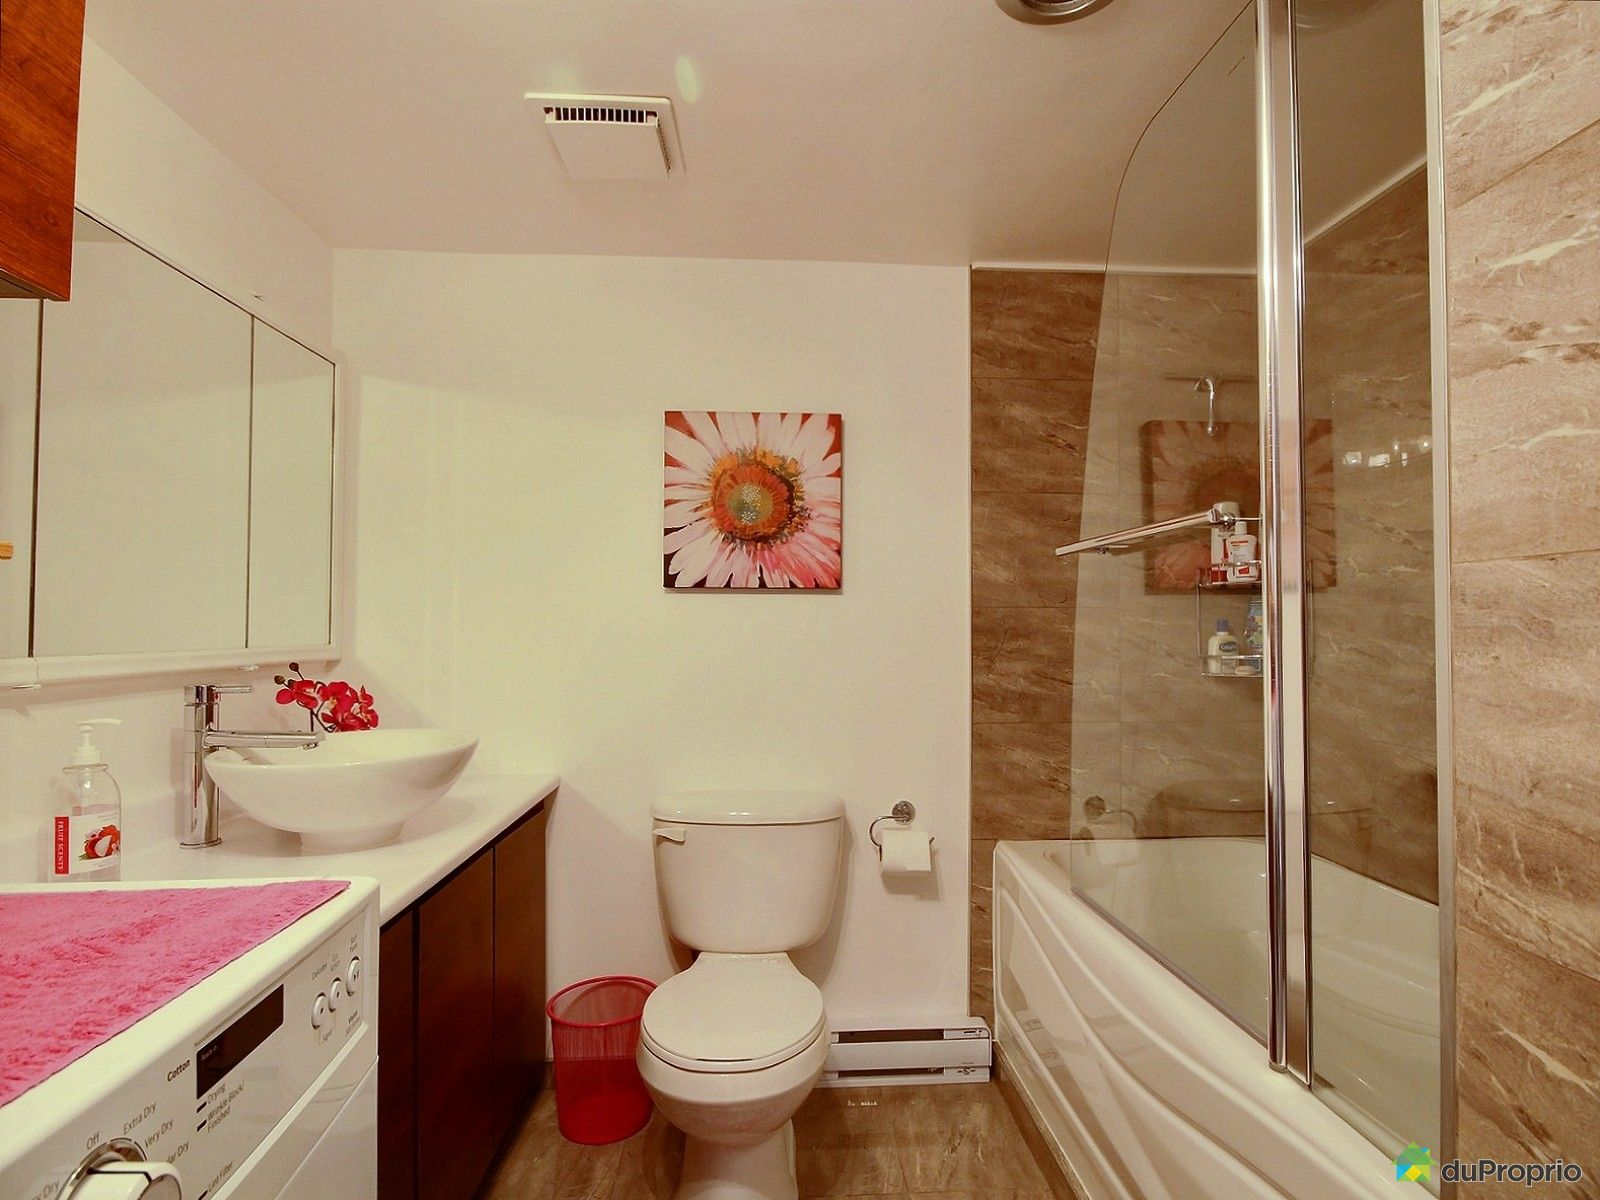 Boutique Salle De Bain Beloeil ~ reno salle de bain quebec id es inspir es pour la maison lexib net